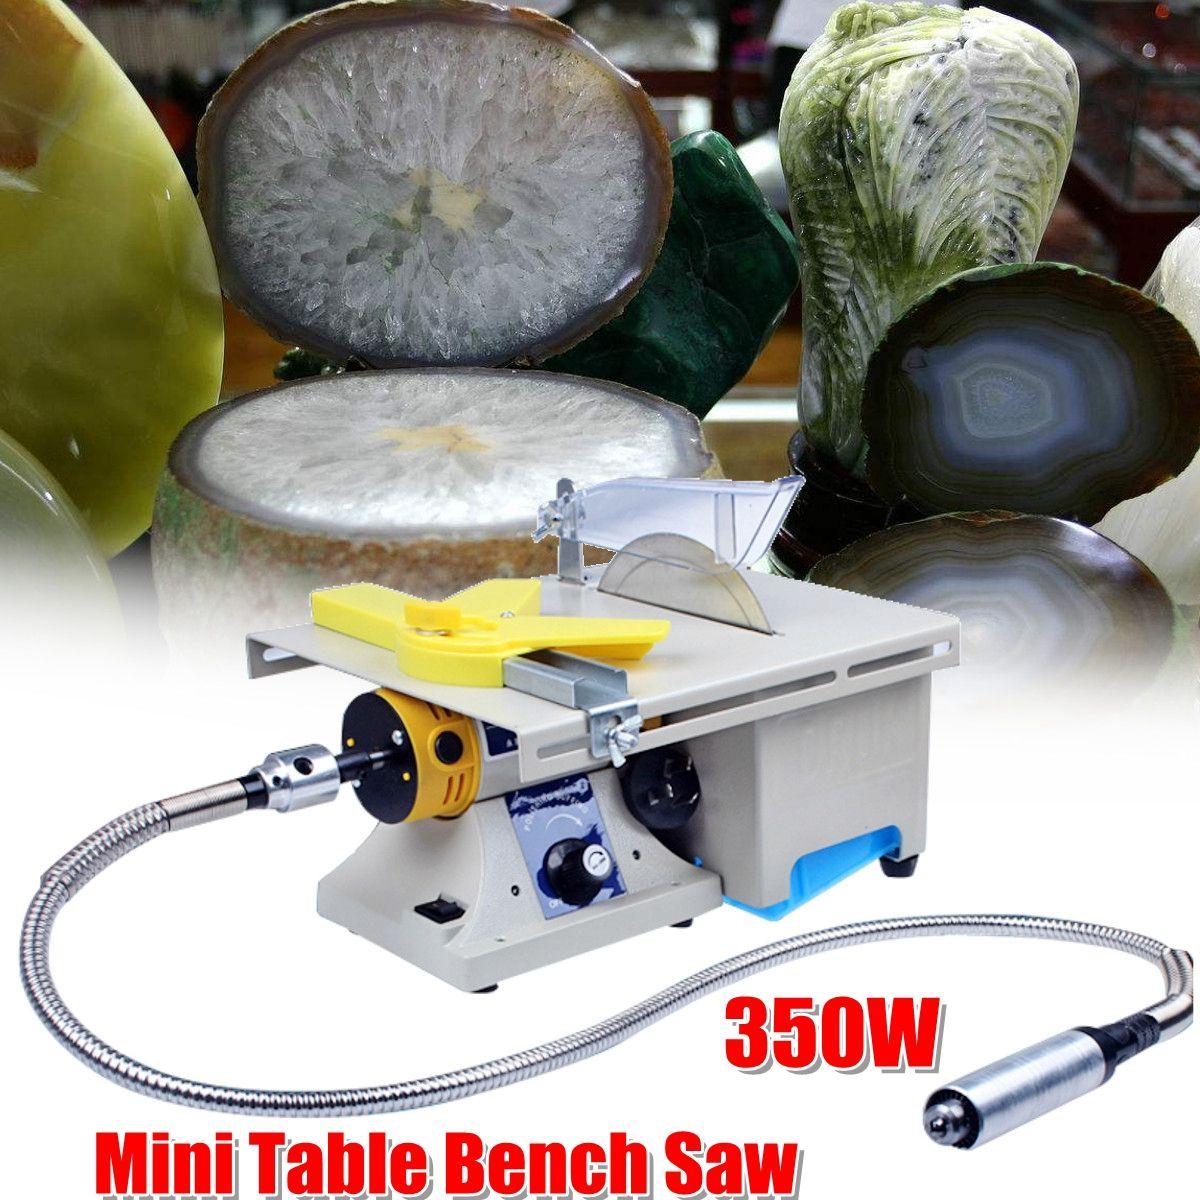 350 watt Mini Tisch Bank Sah Elektrische Schleifen Gravur Maschine Jade Holz Stein Polieren Router Für Bodhi Elfenbein Carving Polierer